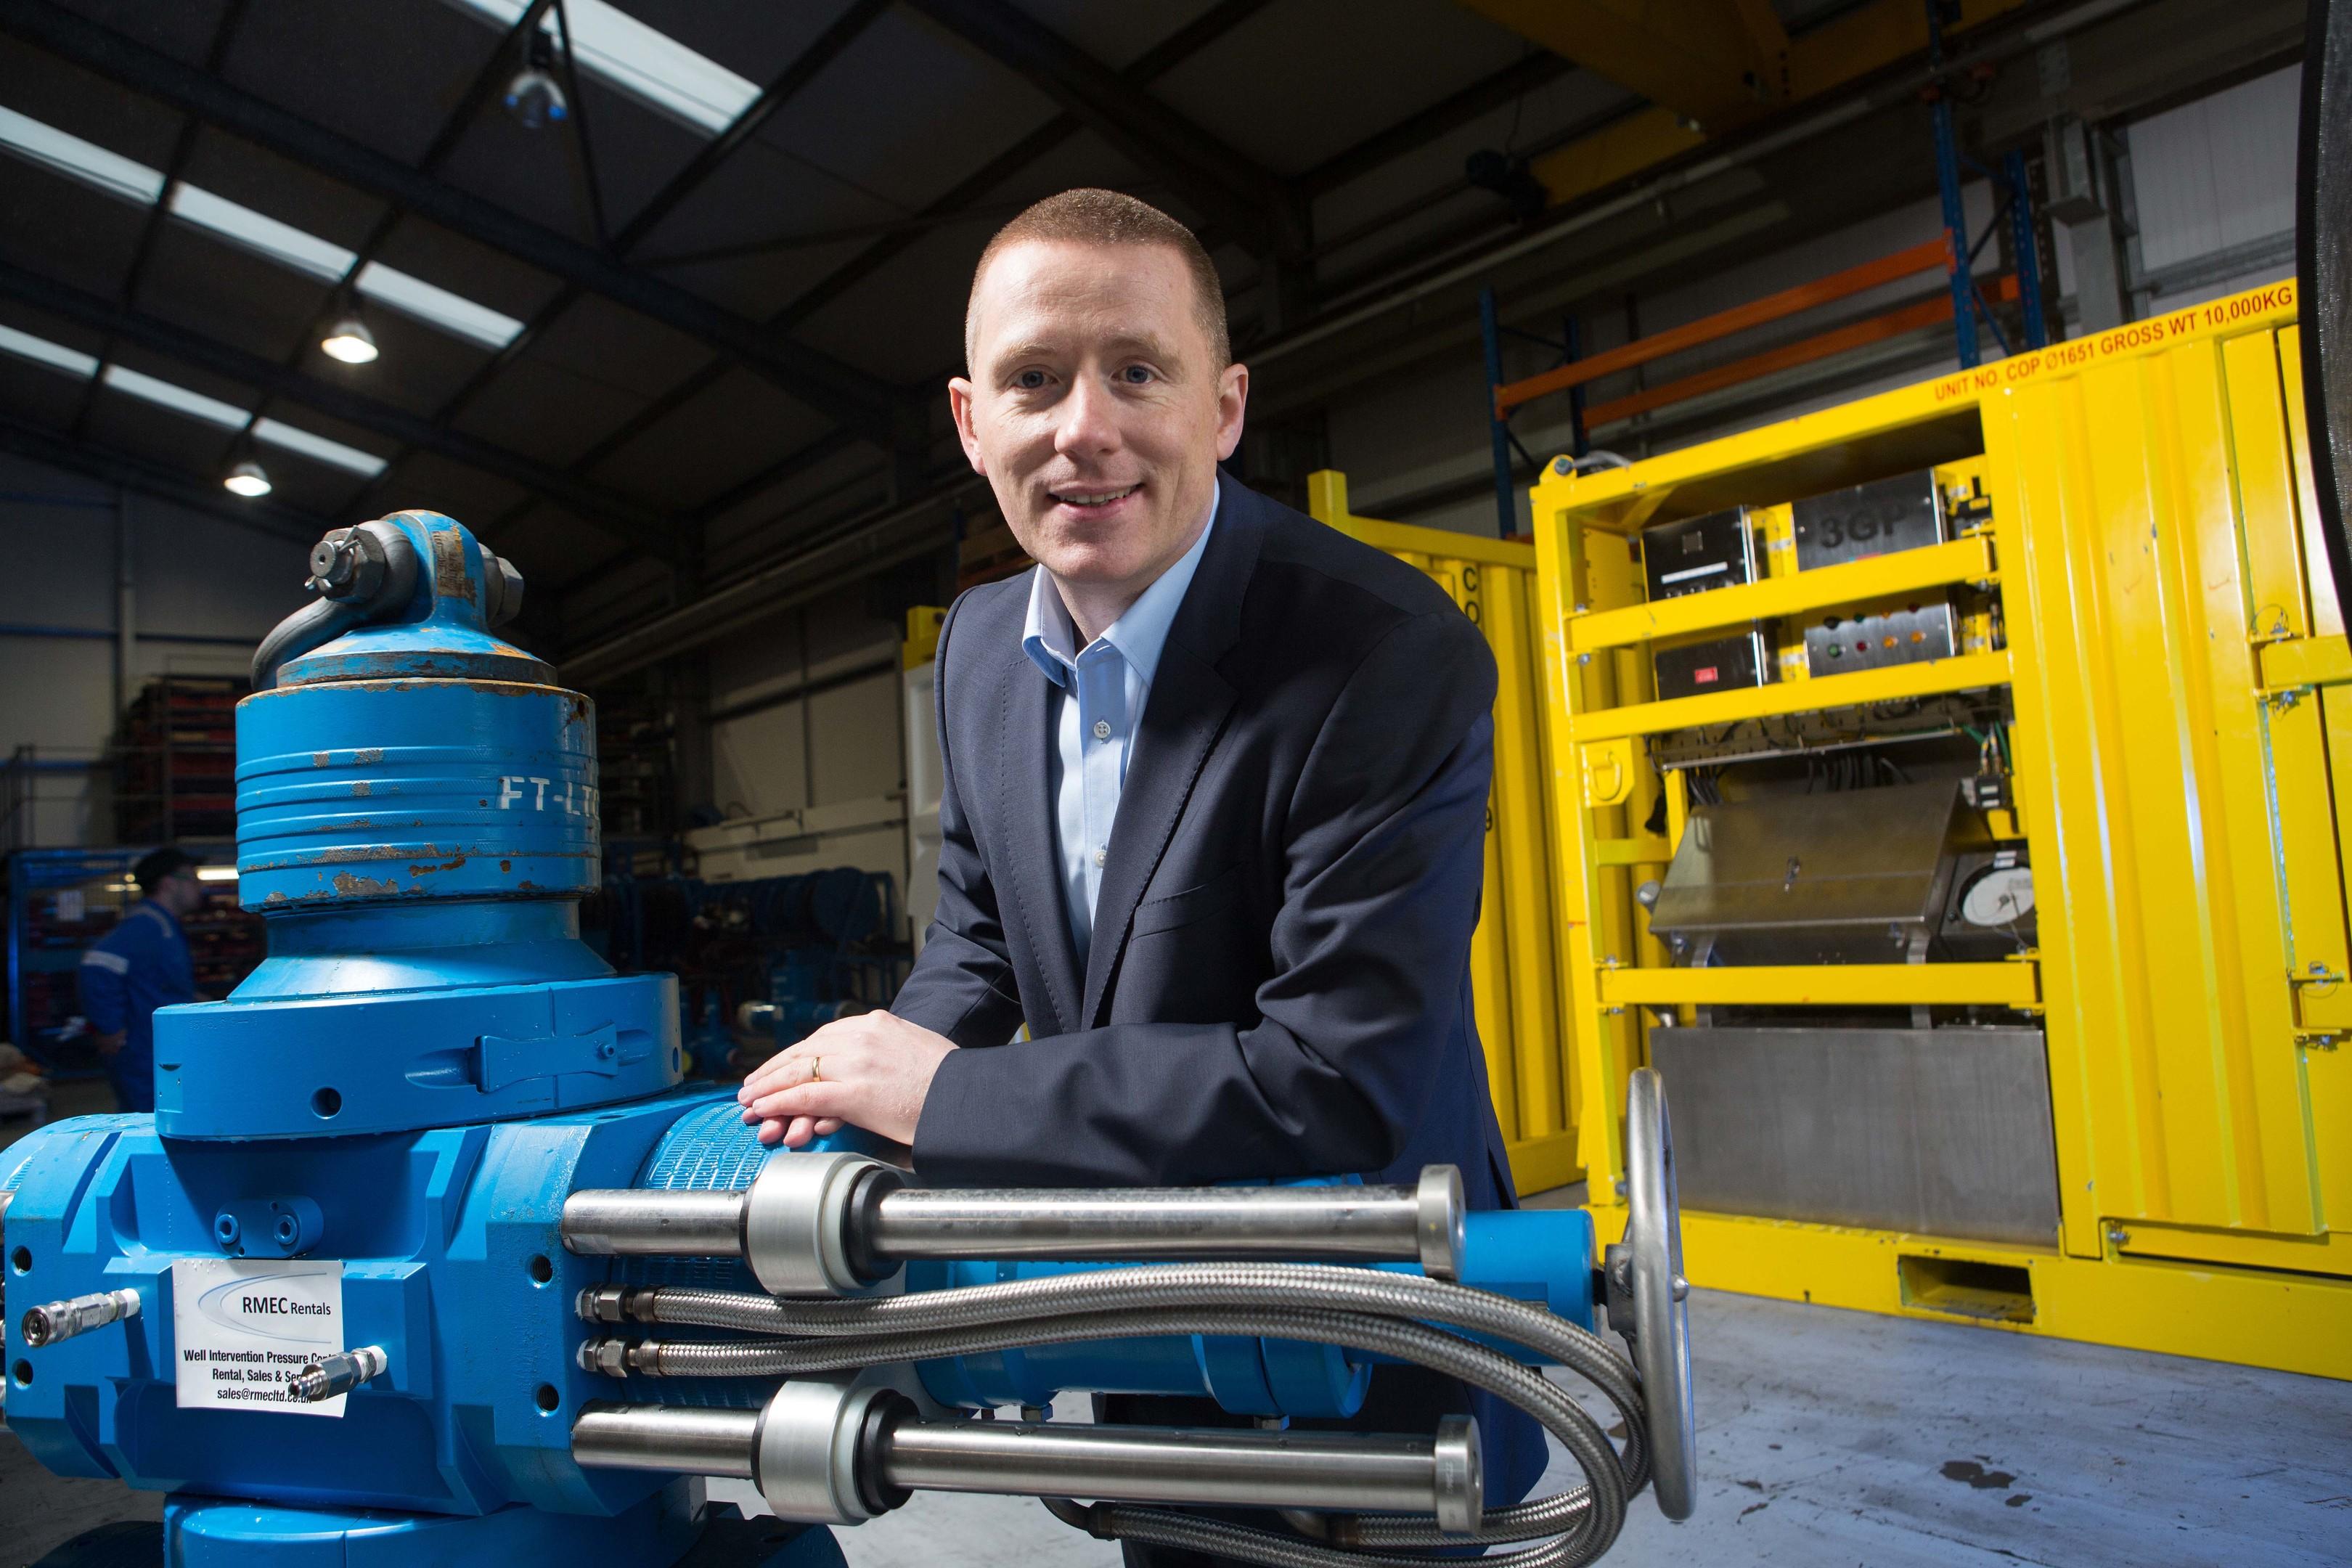 RMEC managing director Bryan Fagan